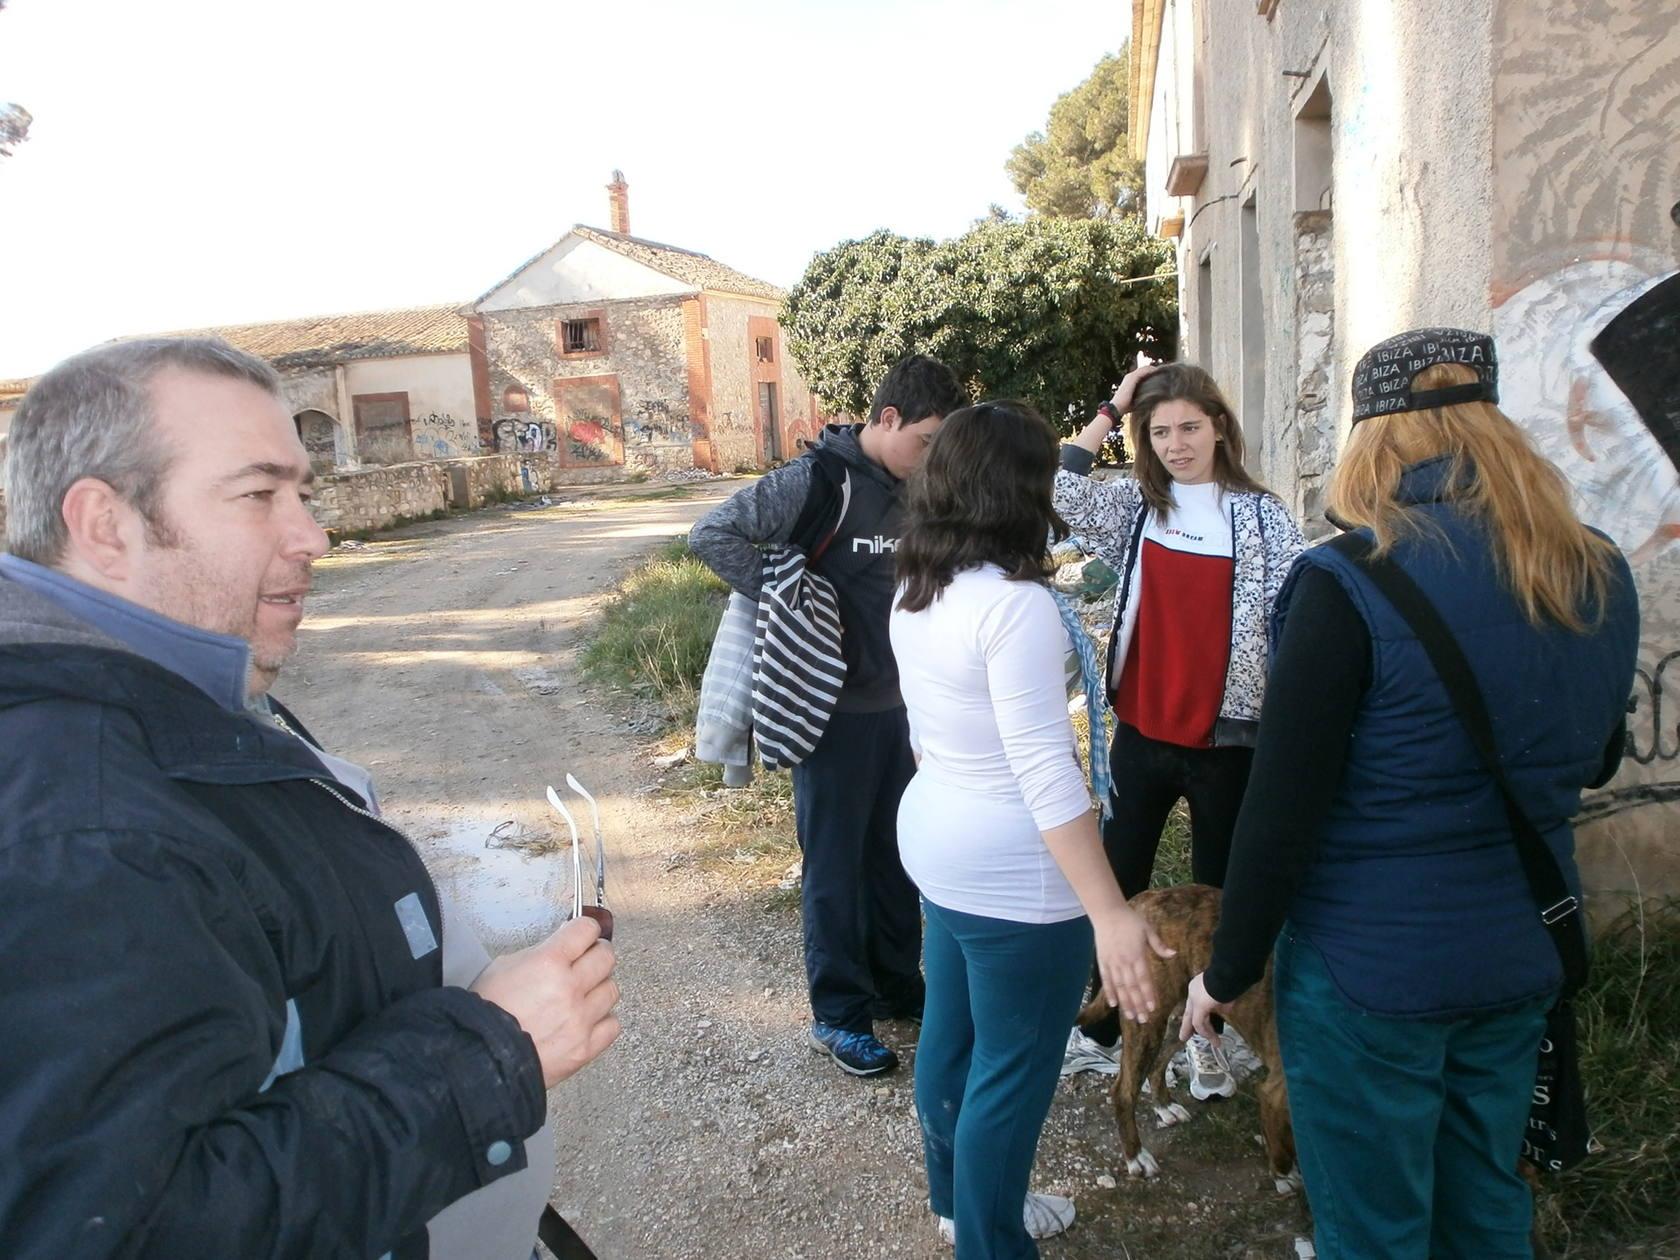 Vecinos de Villena buscan a una joven desaparecida